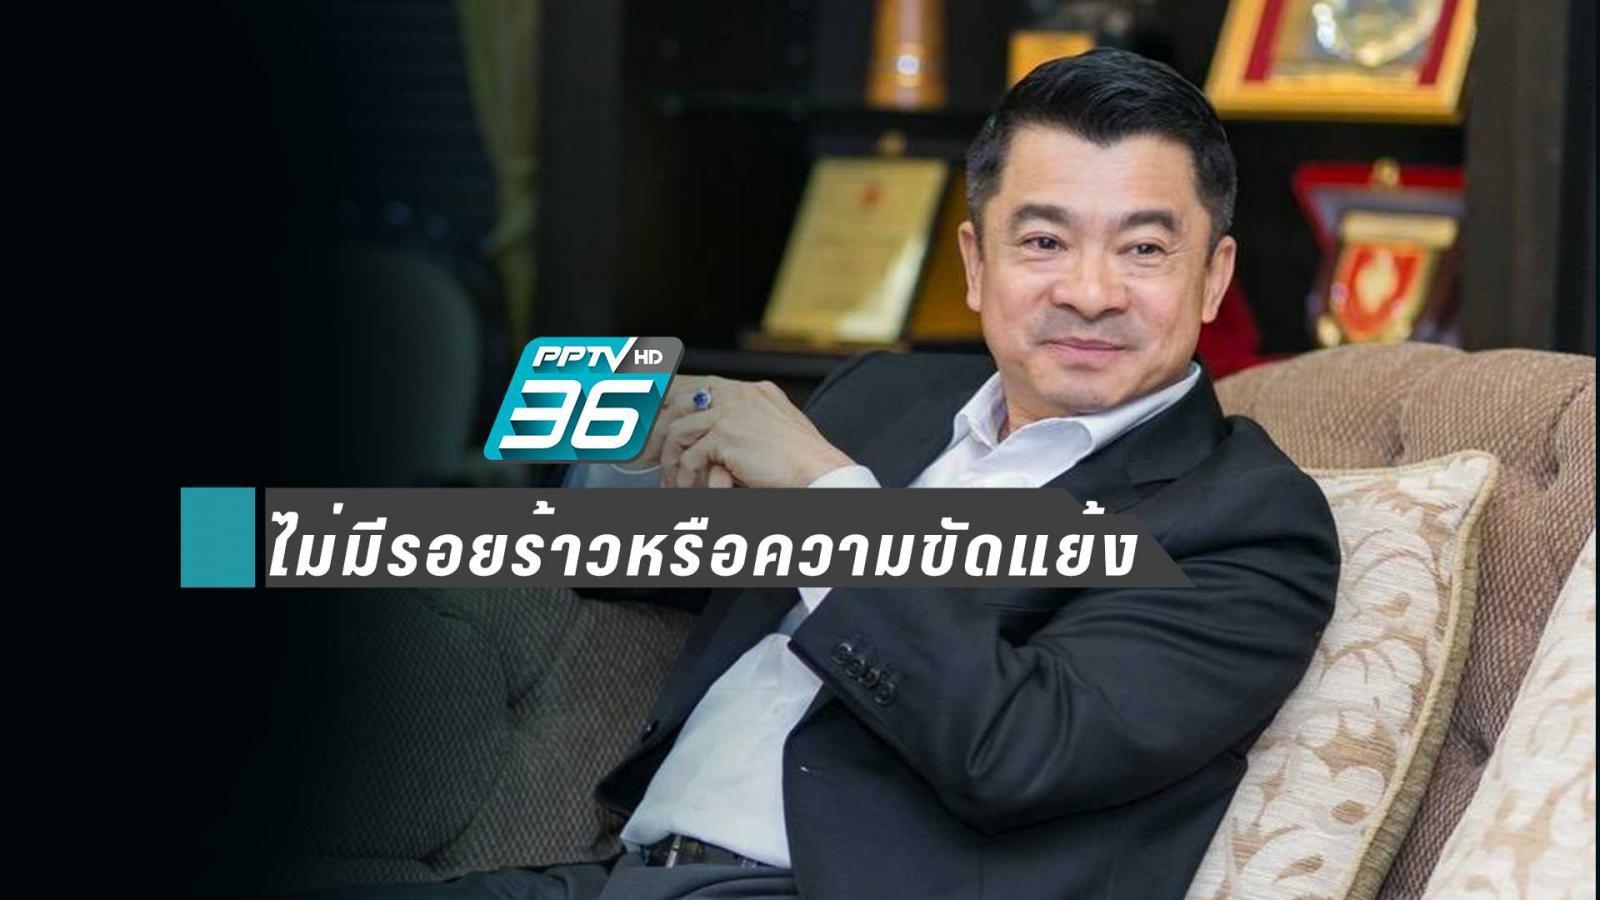 """""""ภูมิใจไทย"""" ยัน รบ.ไร้ขัดแย้ง ซัด หยุดปล่อยข่าว"""